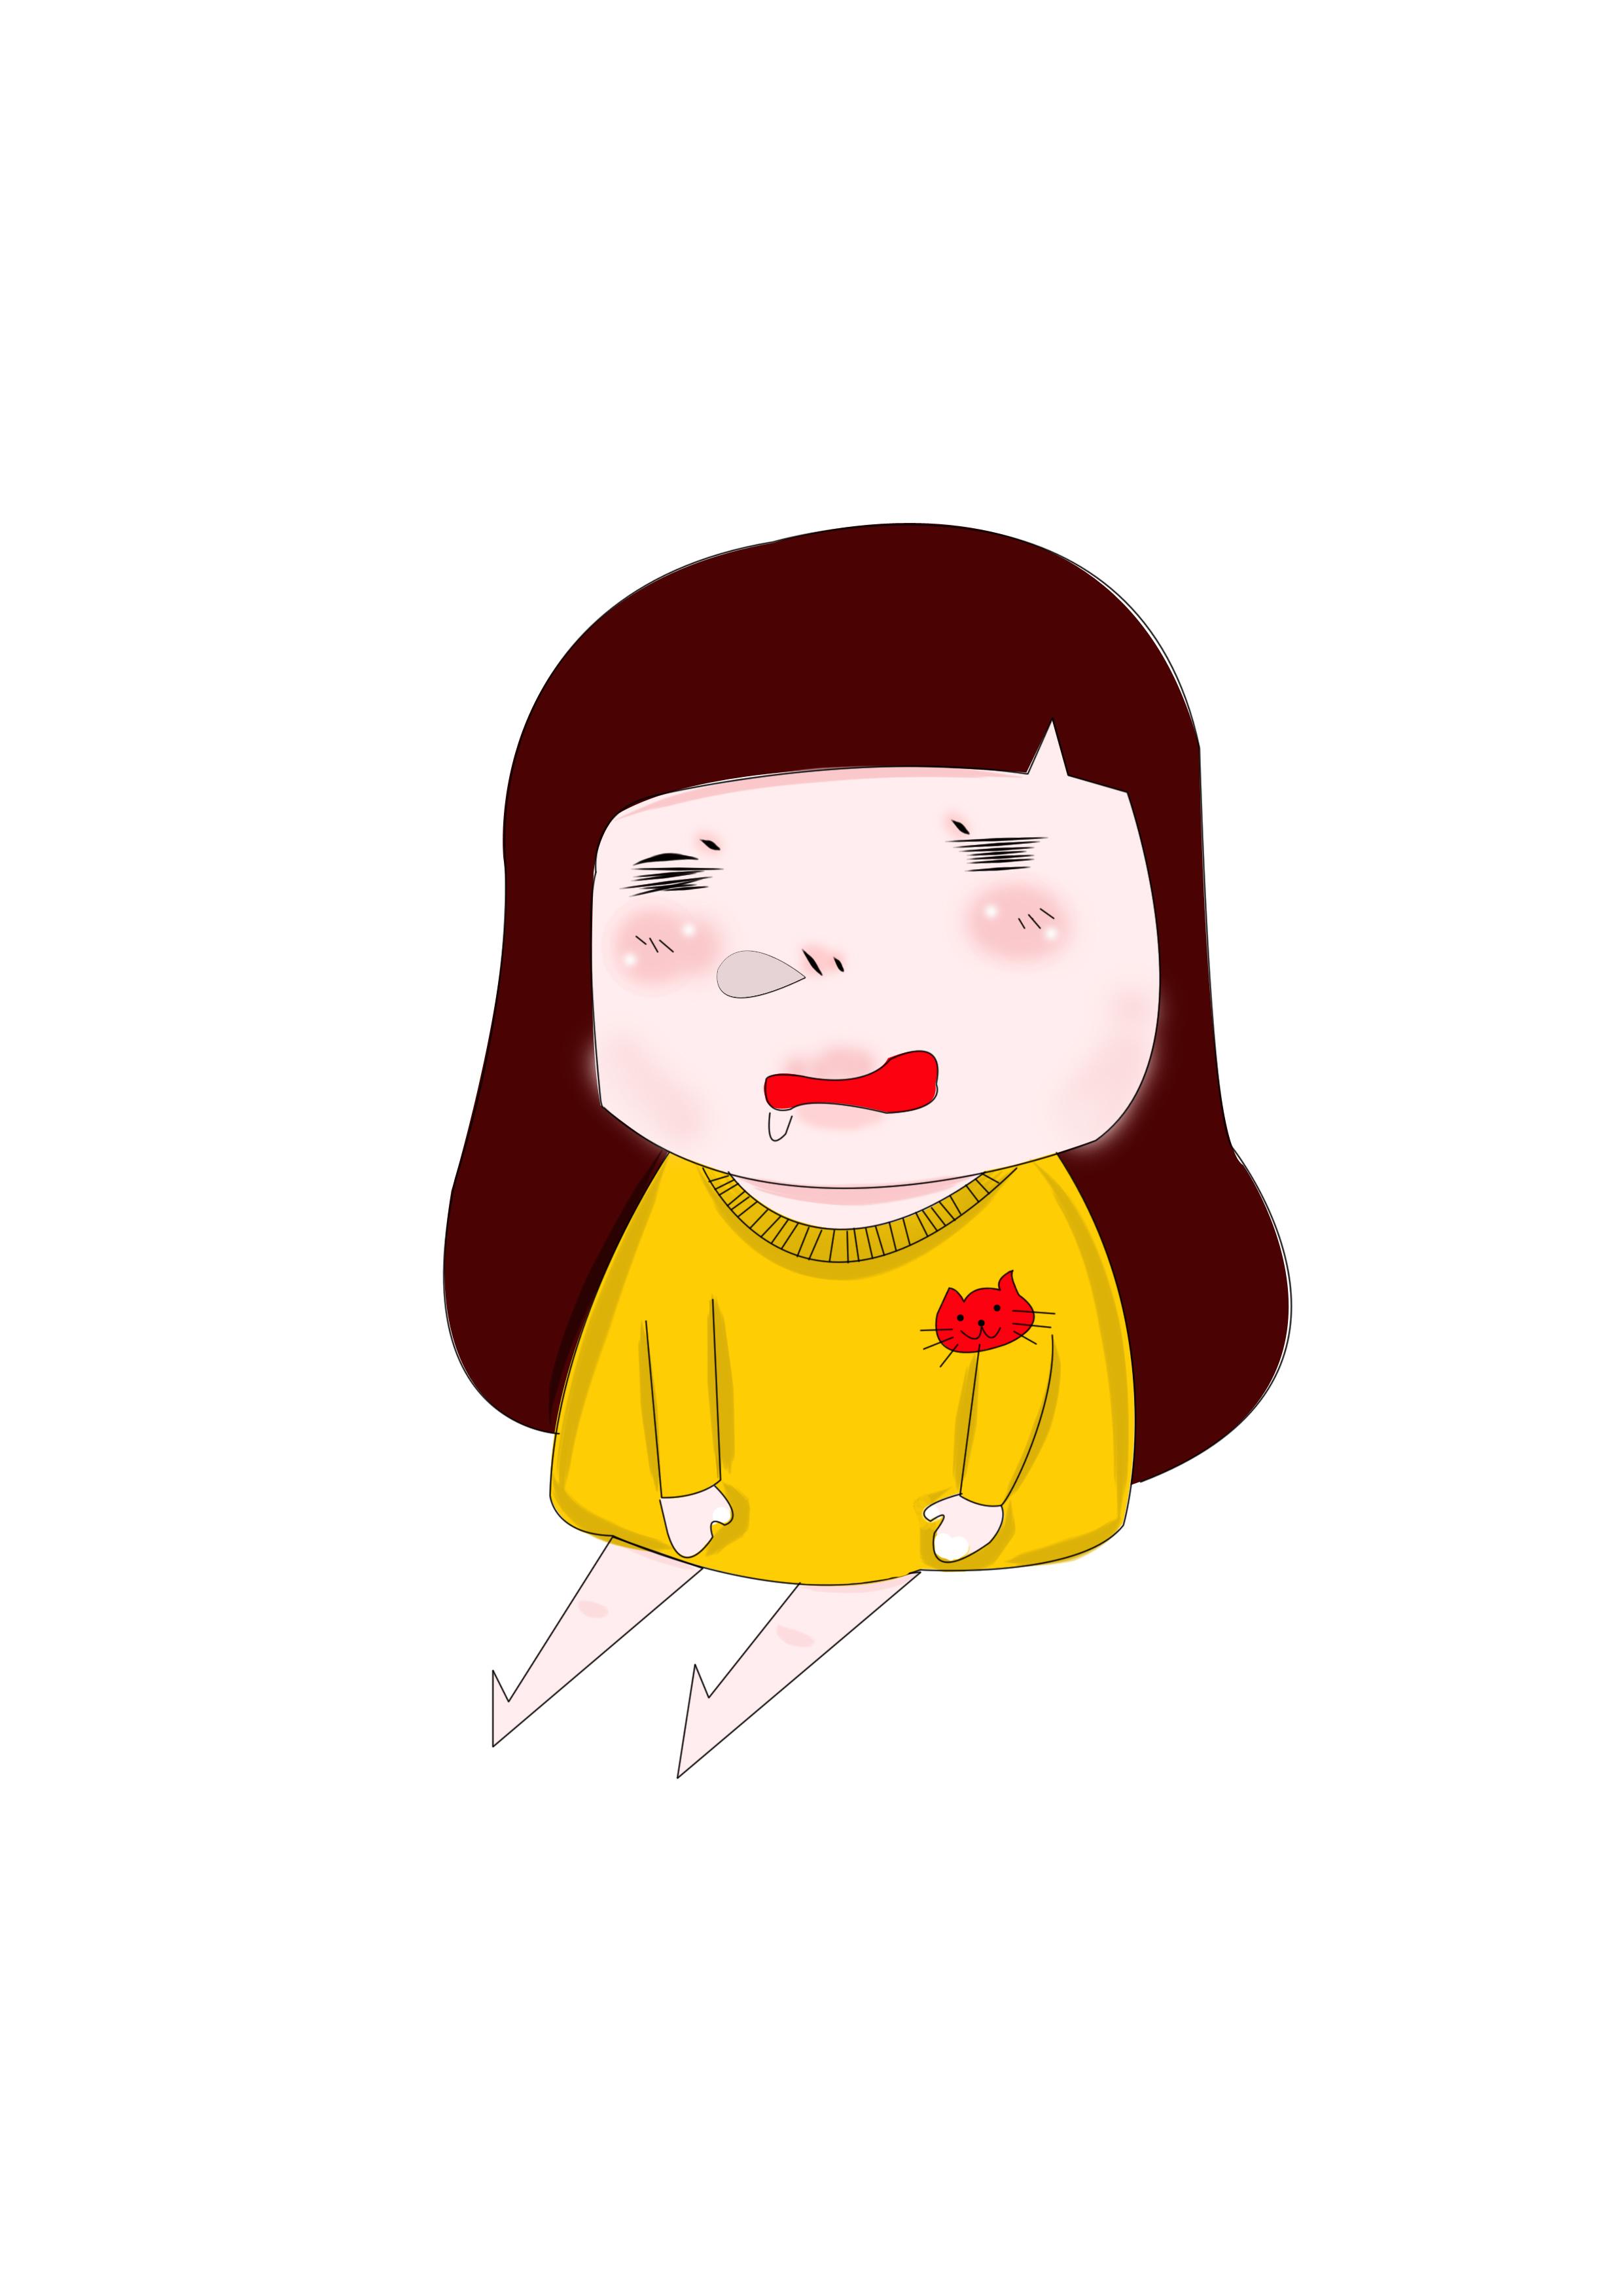 宝哥原创插画手绘手机壁纸打瞌睡不想上班的小女孩卡通童趣